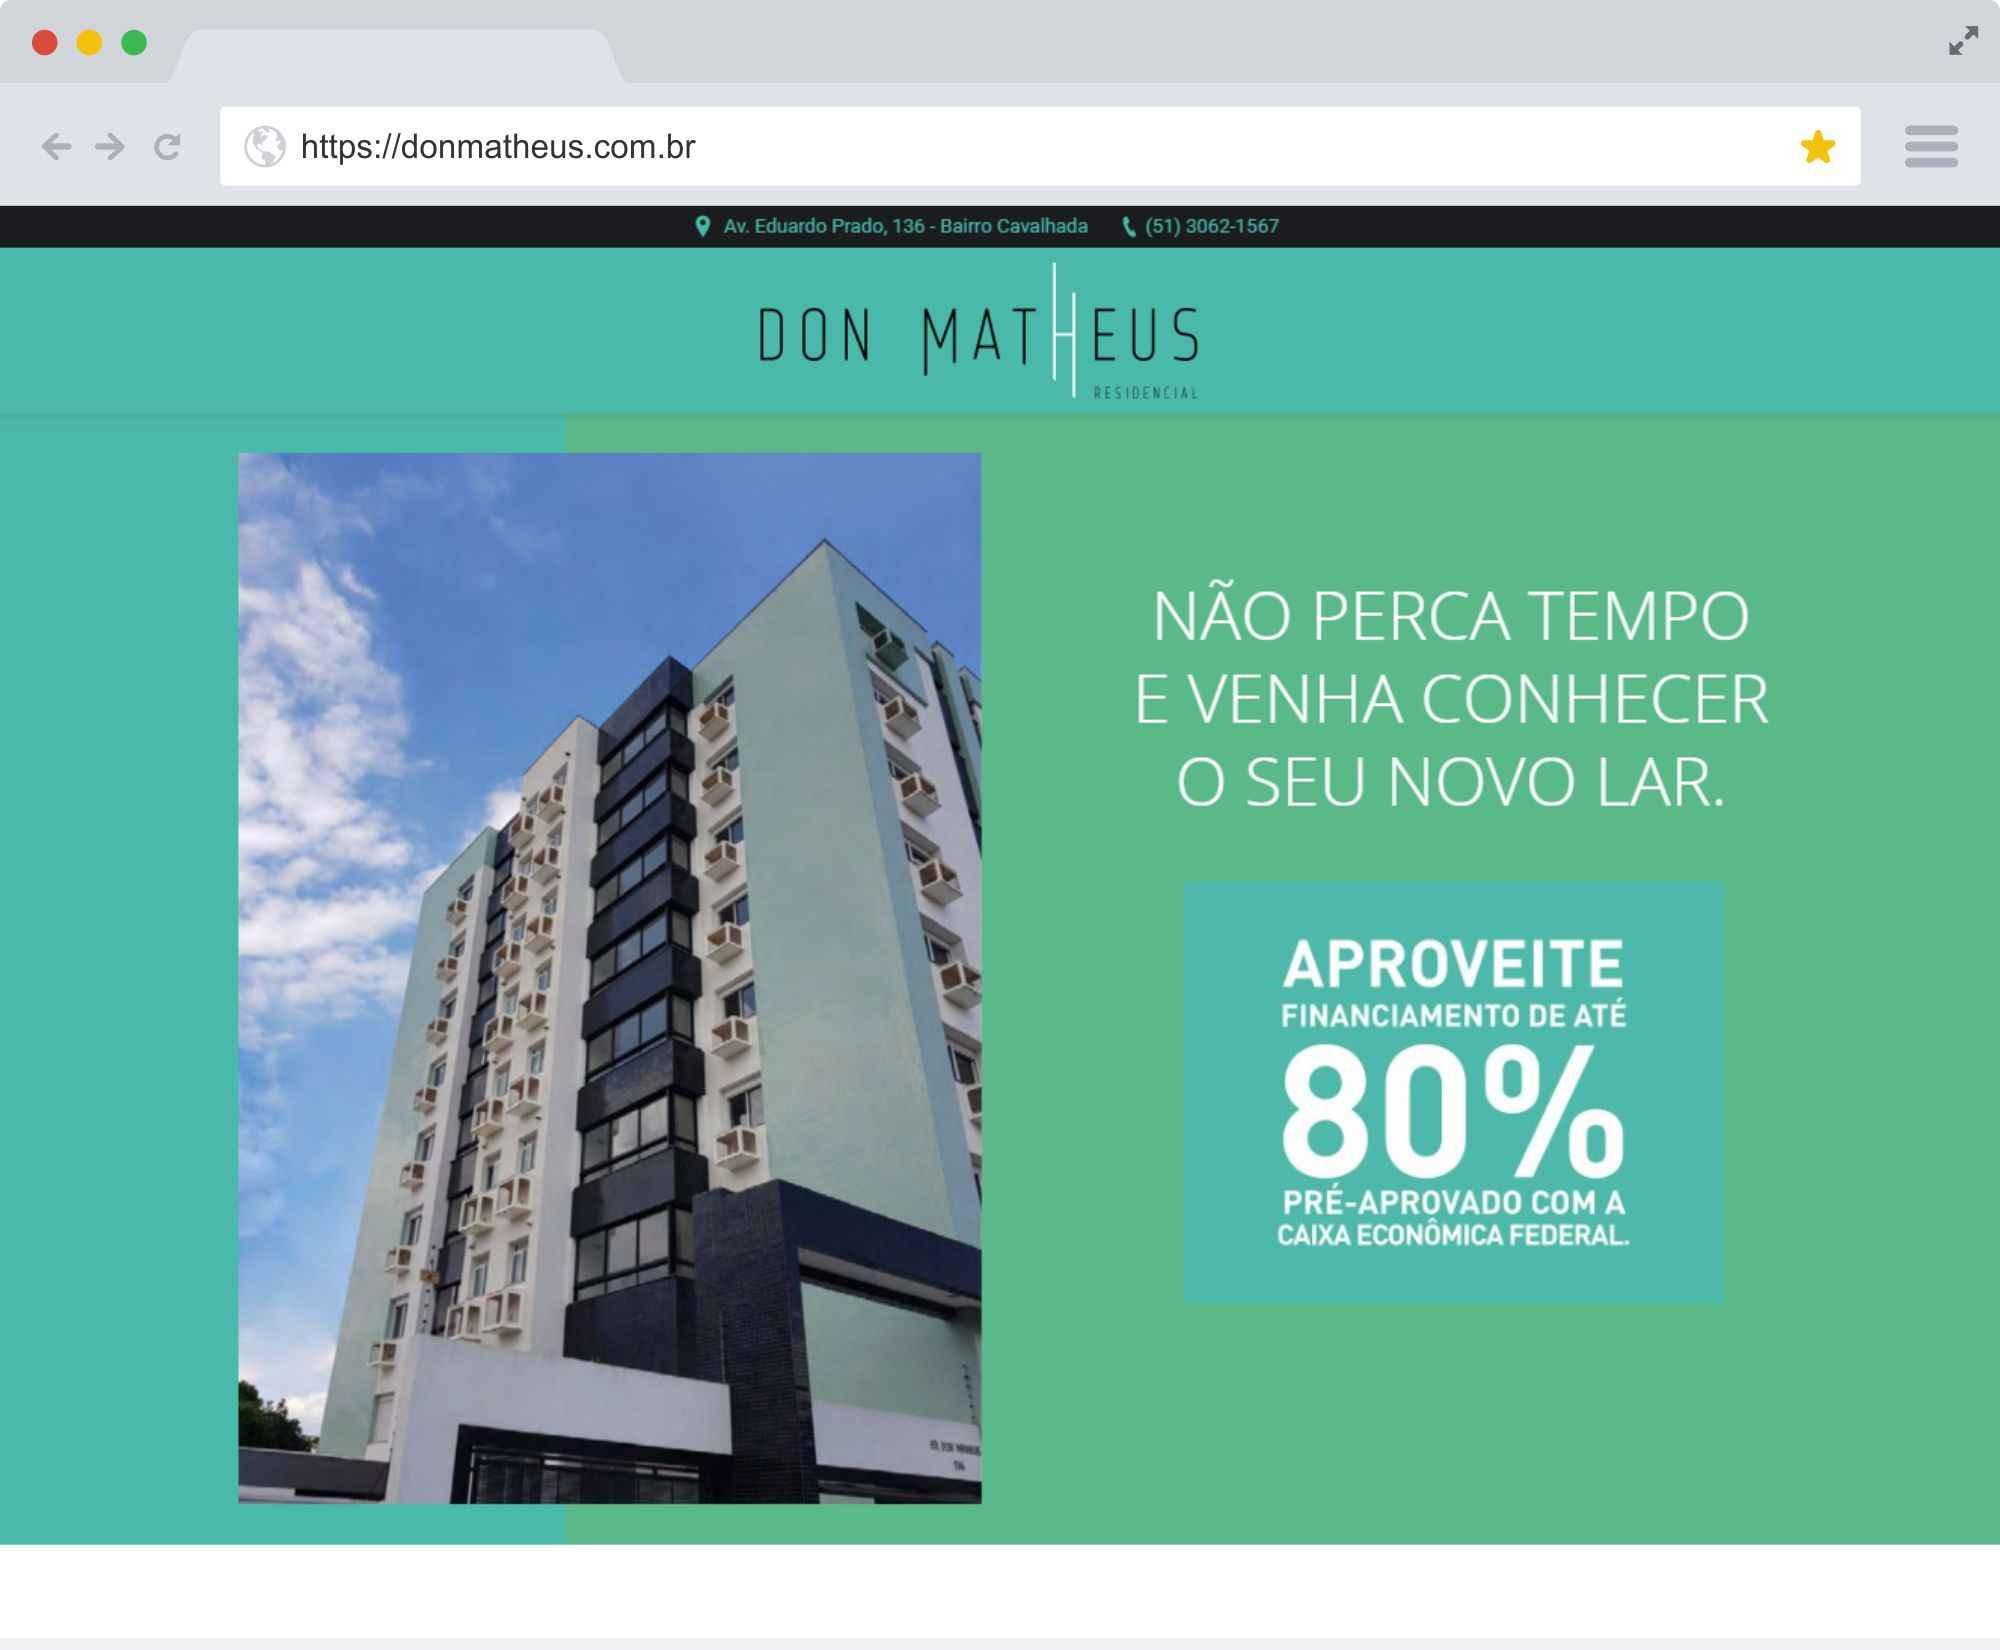 donmatheus.com.br